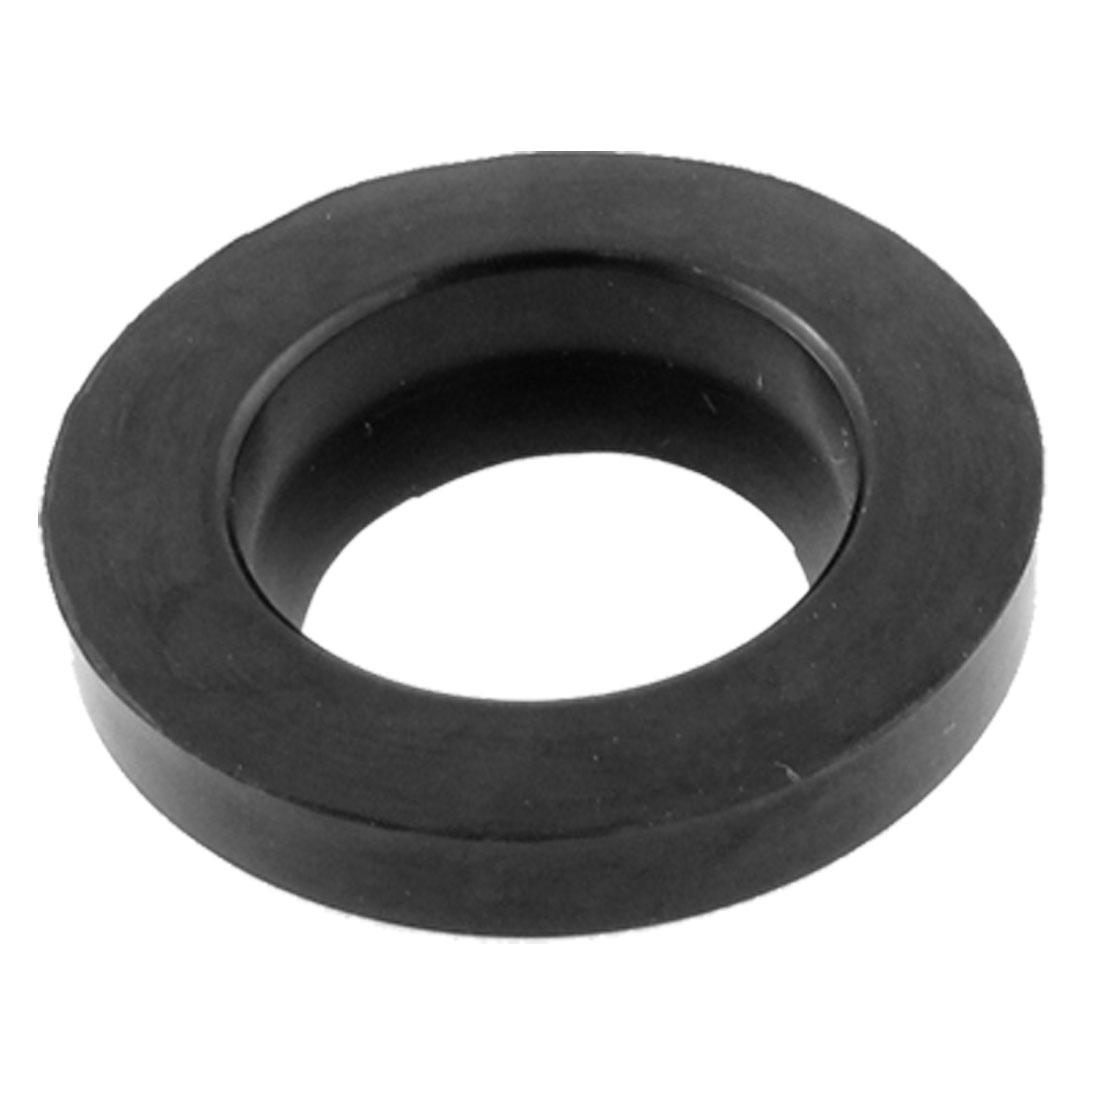 Black 18mm x 30mm x 5mm x 9mm Wiper Dust Seal Ring Gasket